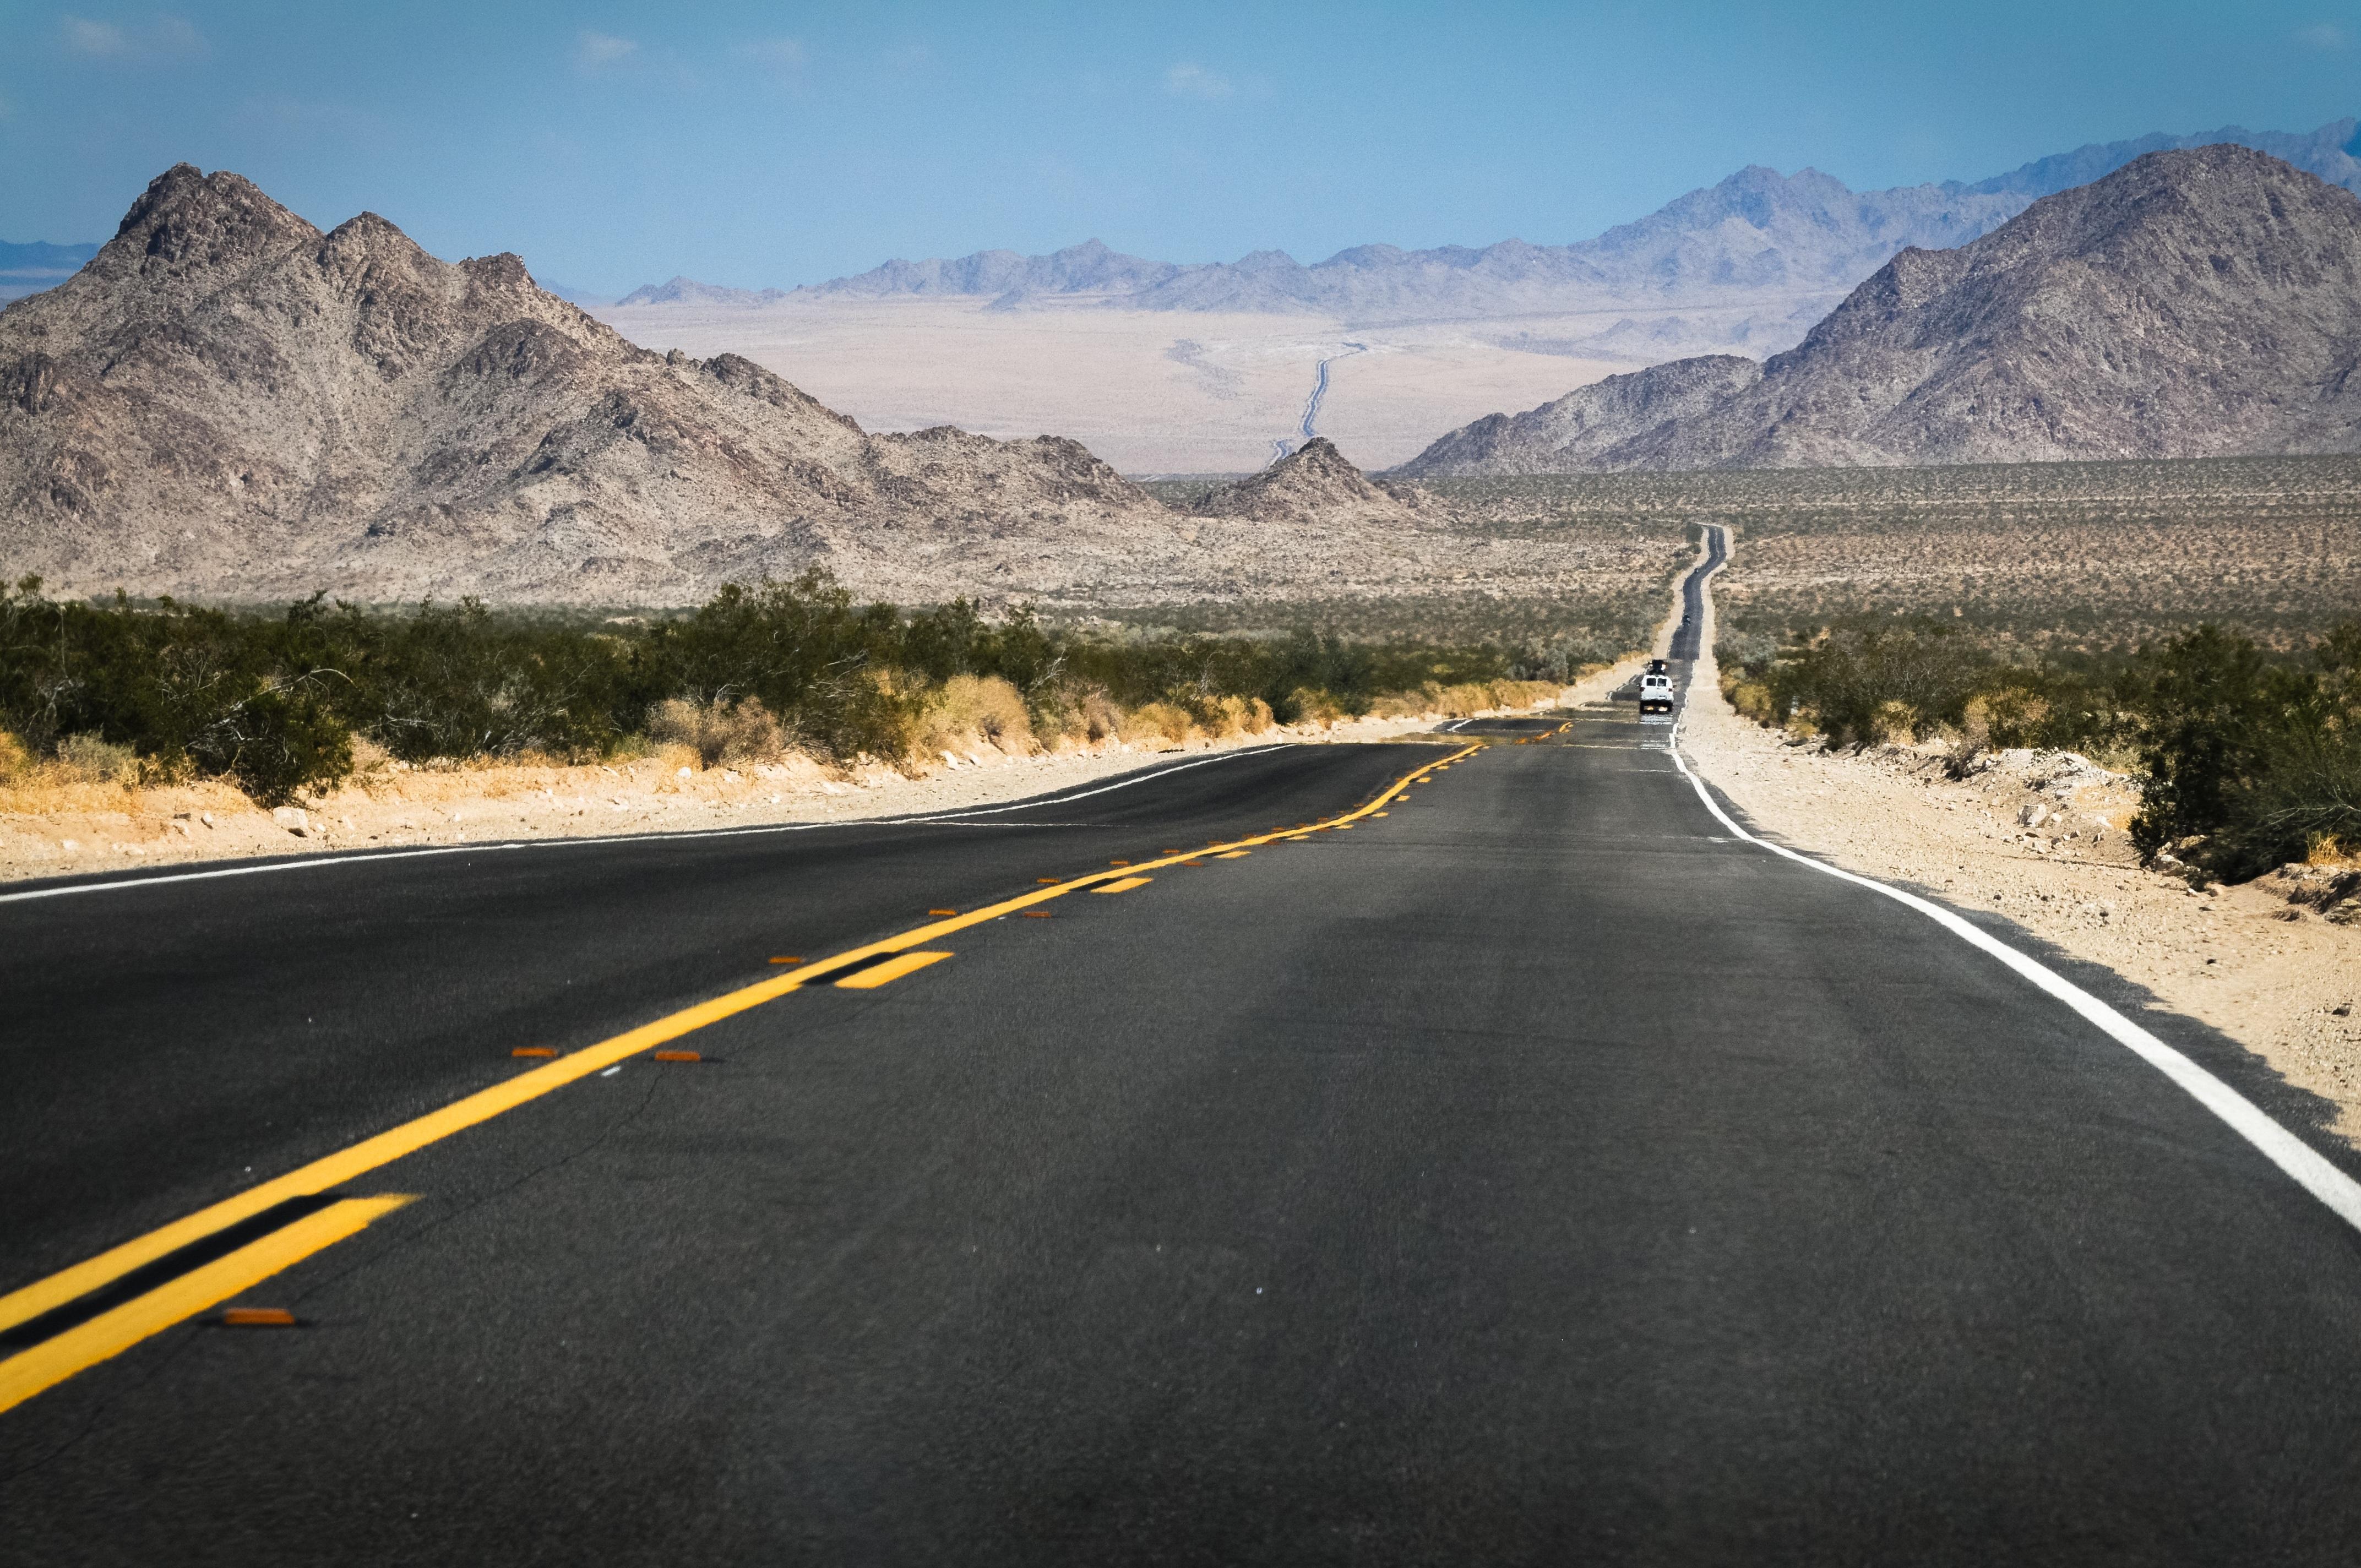 viajar-bem-e-barato-dicas-para-economizar-em-viagens-de-carro